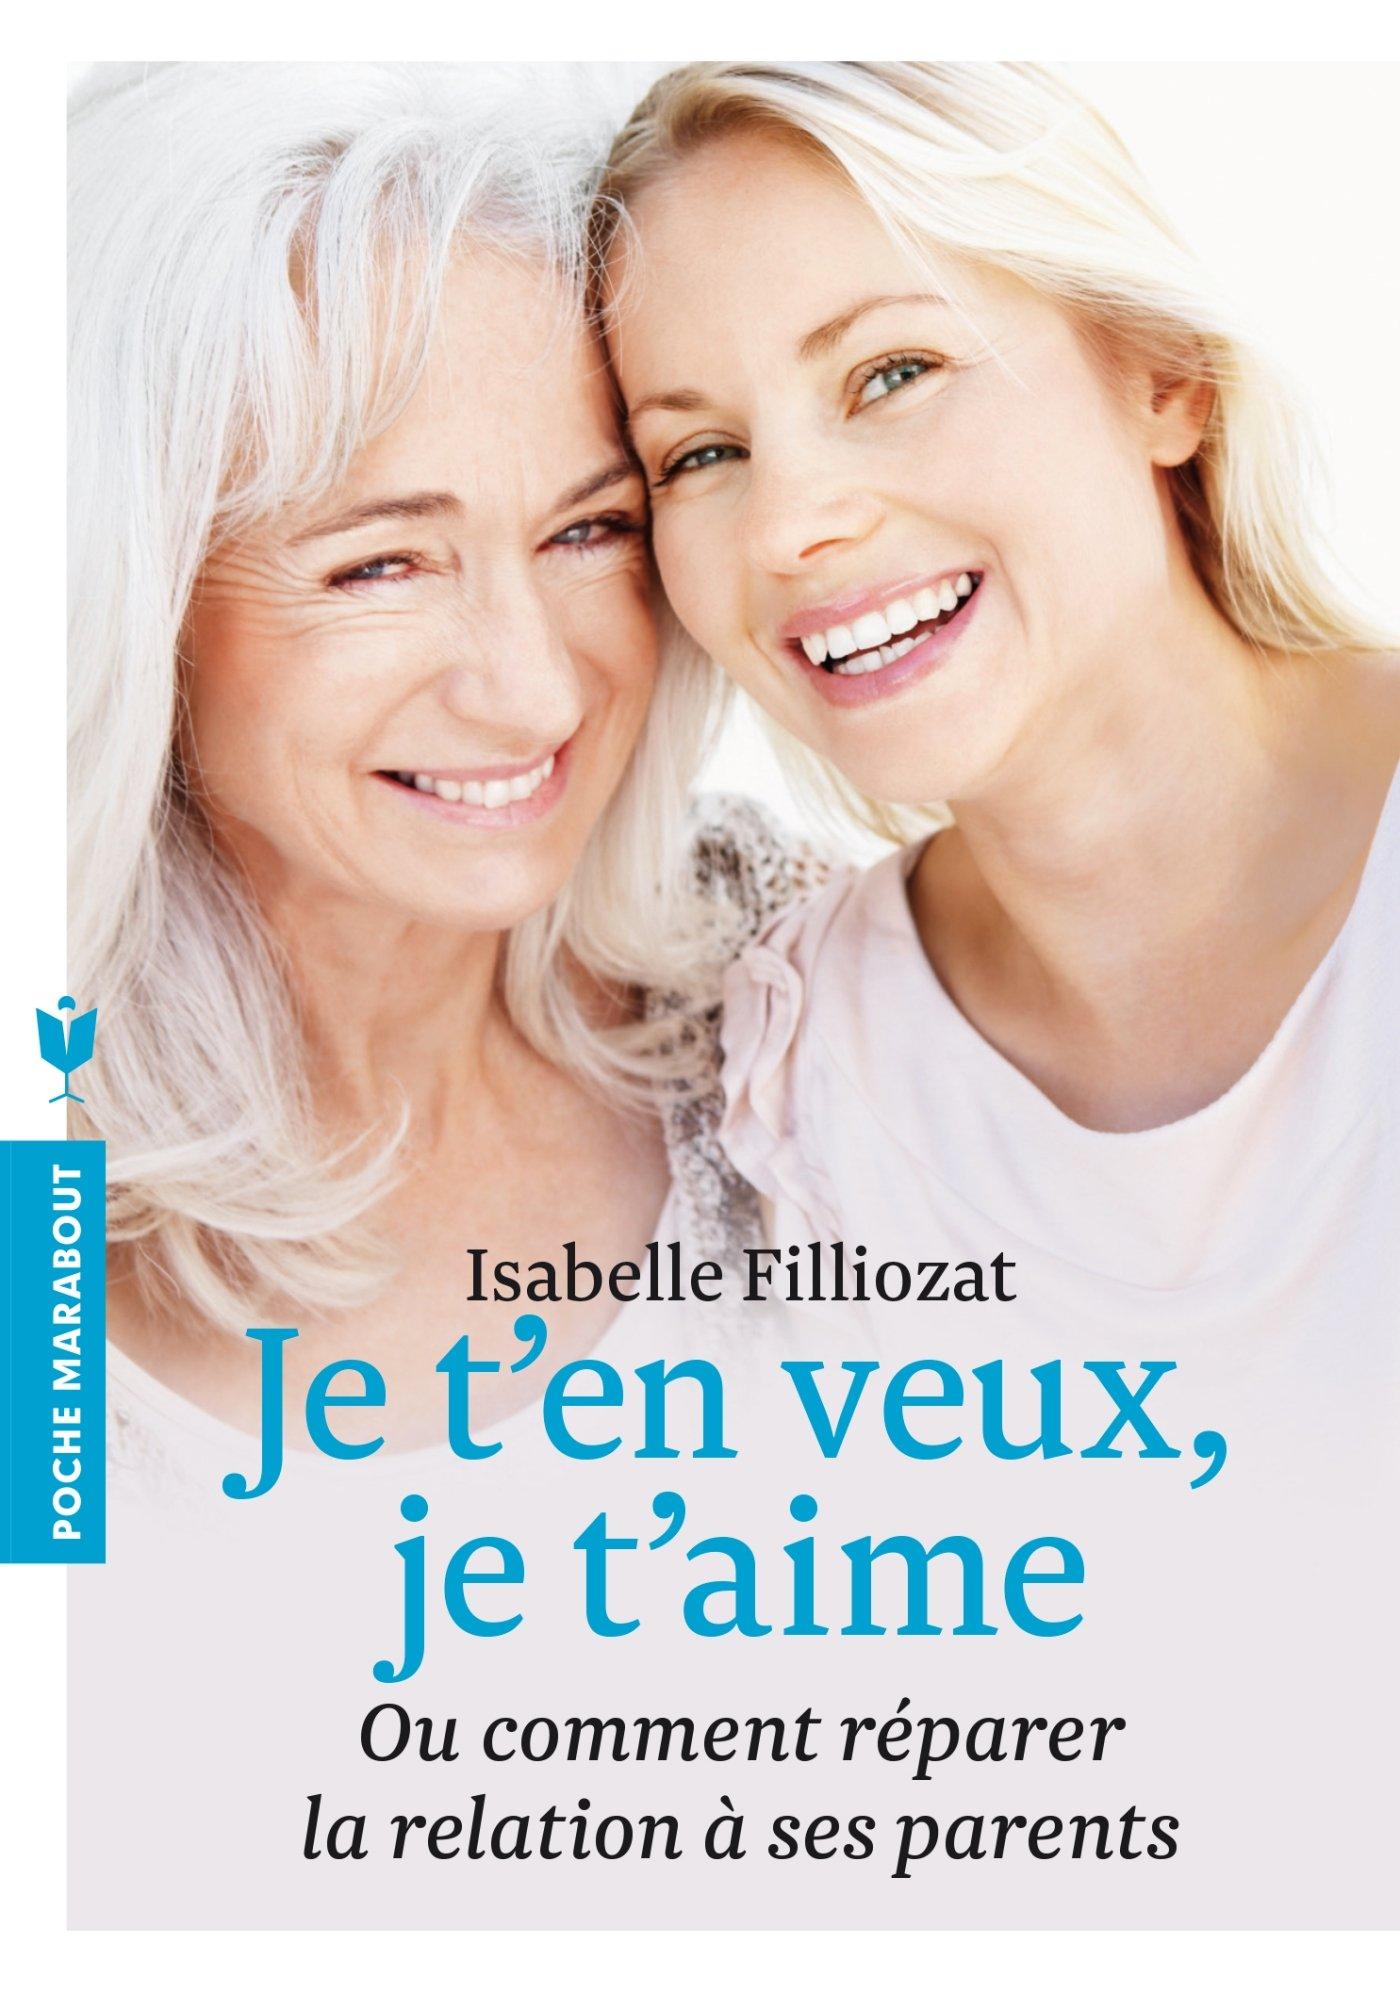 Amazon.fr - Je t'en veux je t'aime: Ou comment réparer la relation à ses  parents - Isabelle Filliozat - Livres